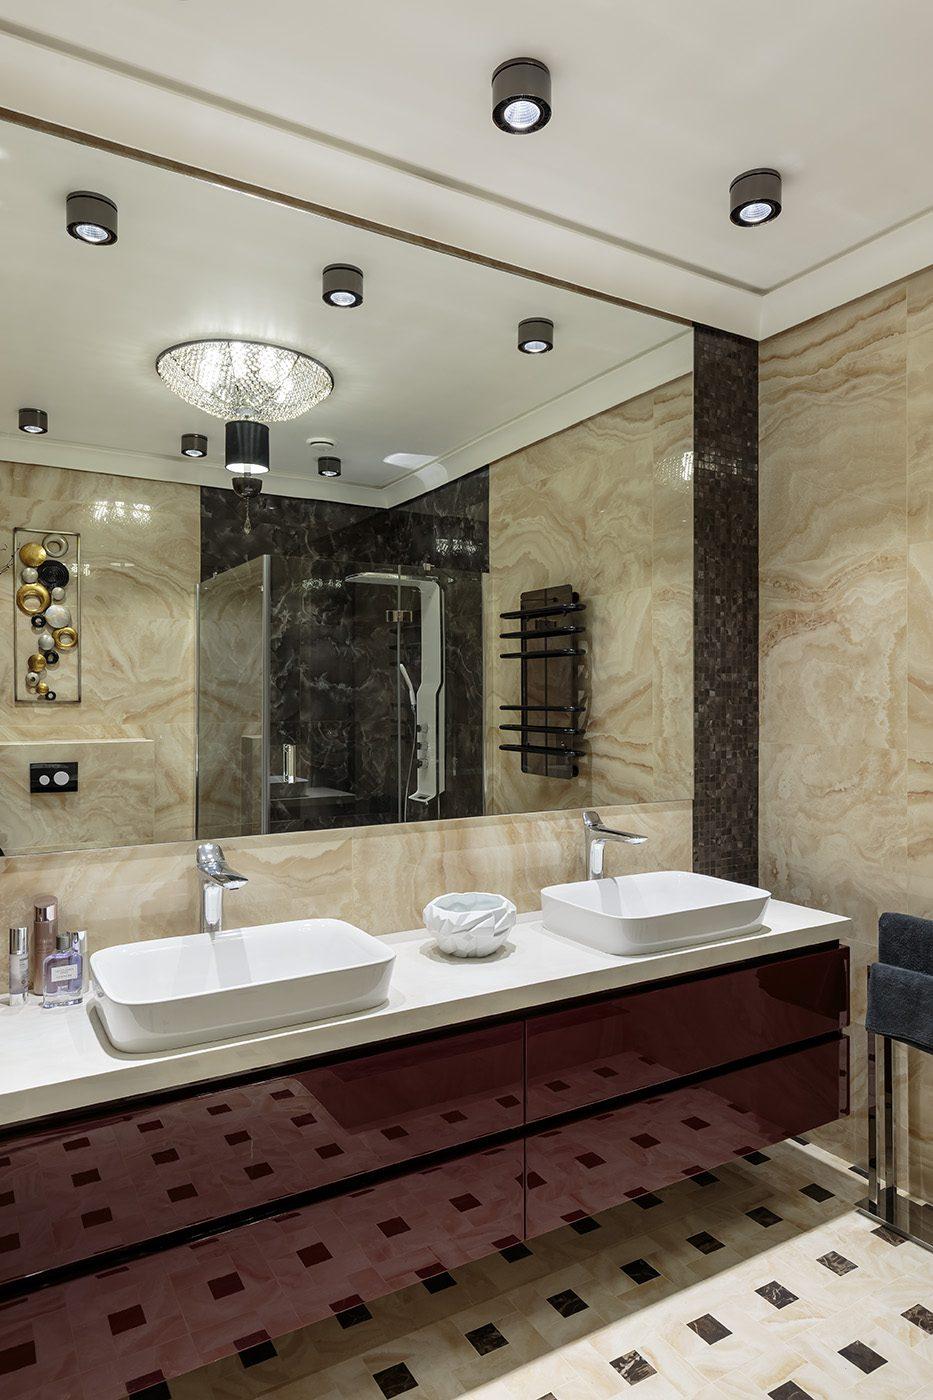 Дизайн интерьера ванной комнаты с двумя раковинами в плитке